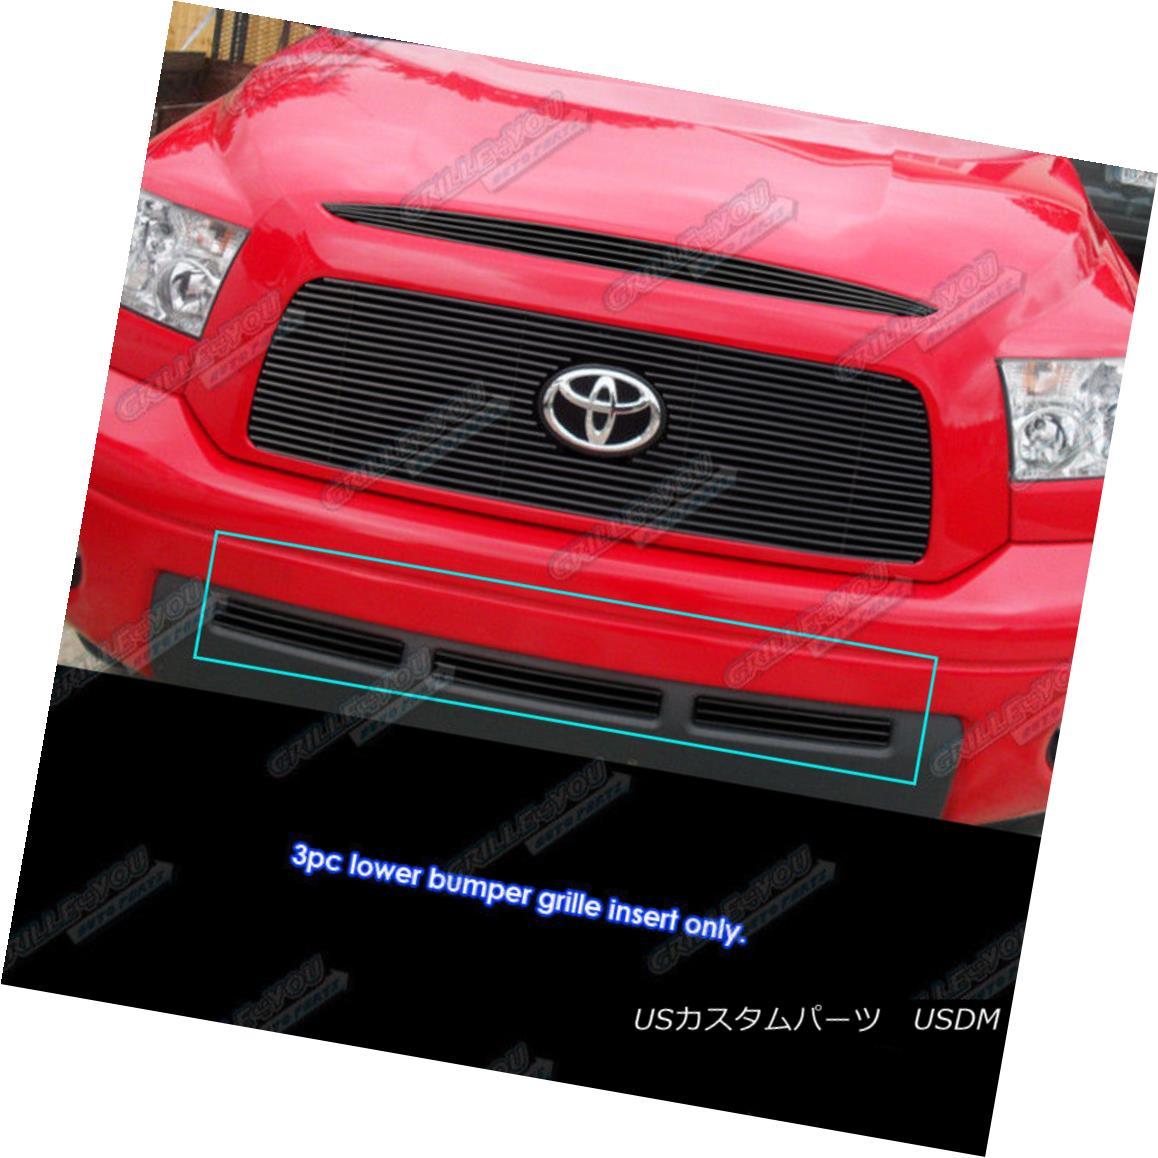 グリル Fits 2007-2009 Toyota Tundra Lower Bumper Black Billet Grille Grill Insert 2007-2009 Toyota Tundra Lower Bumper Black Billetグリルグリルインサート